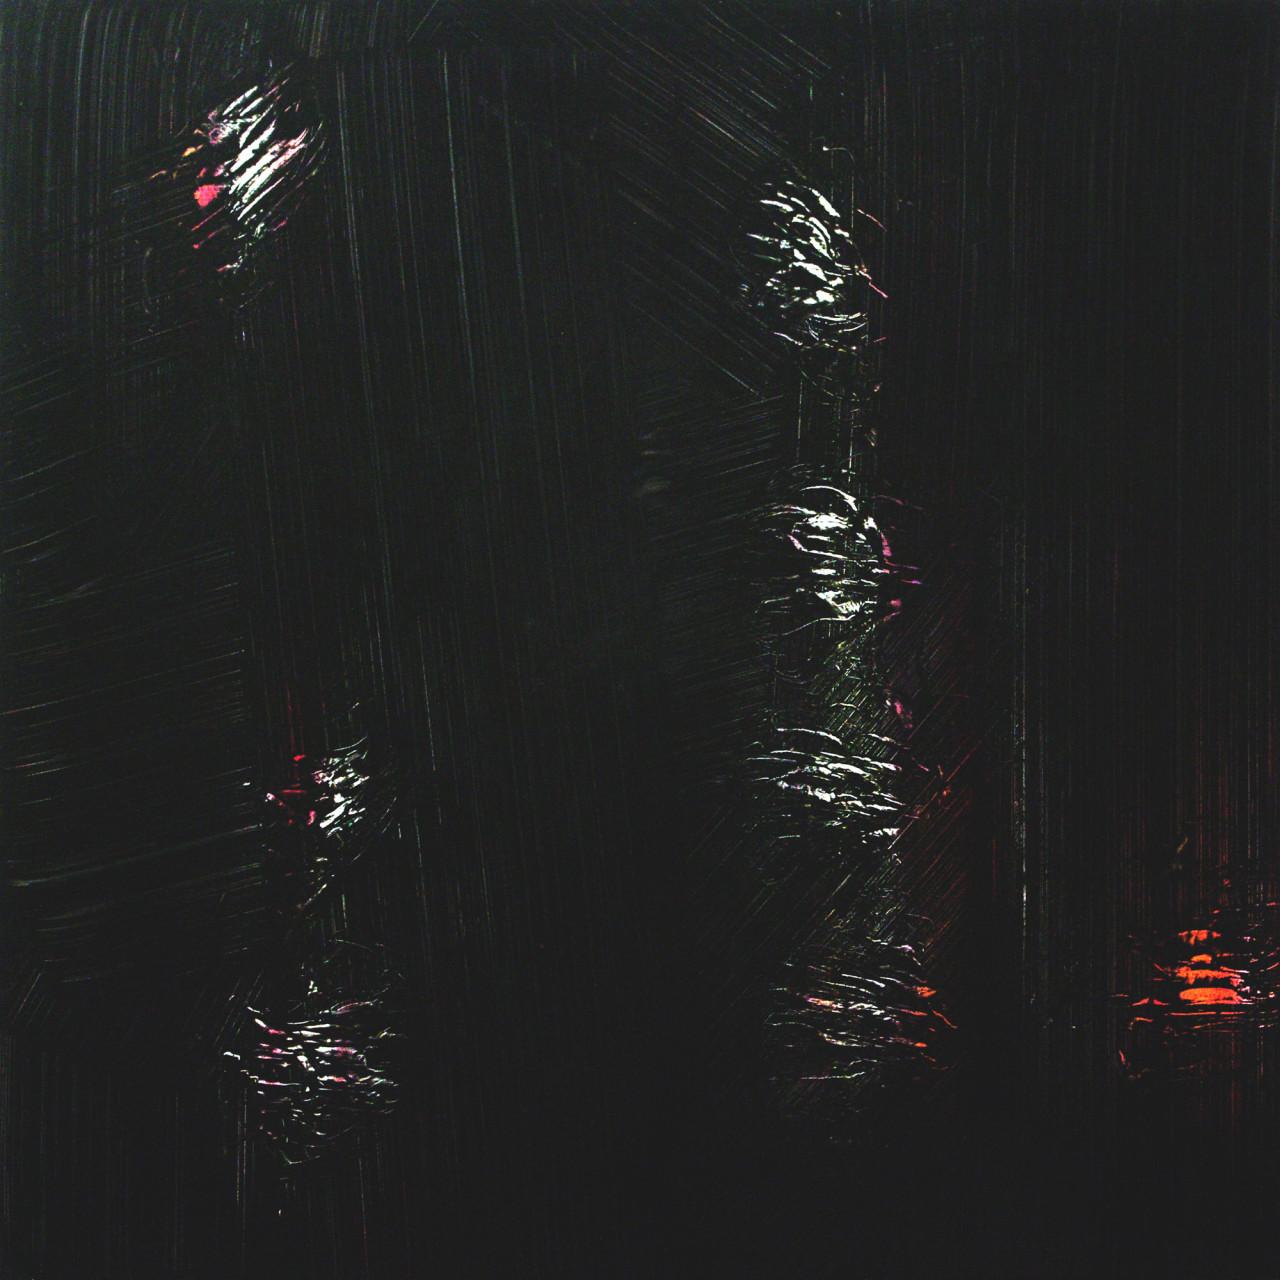 618, 2015 olio su alu-dibond 100x100 cm